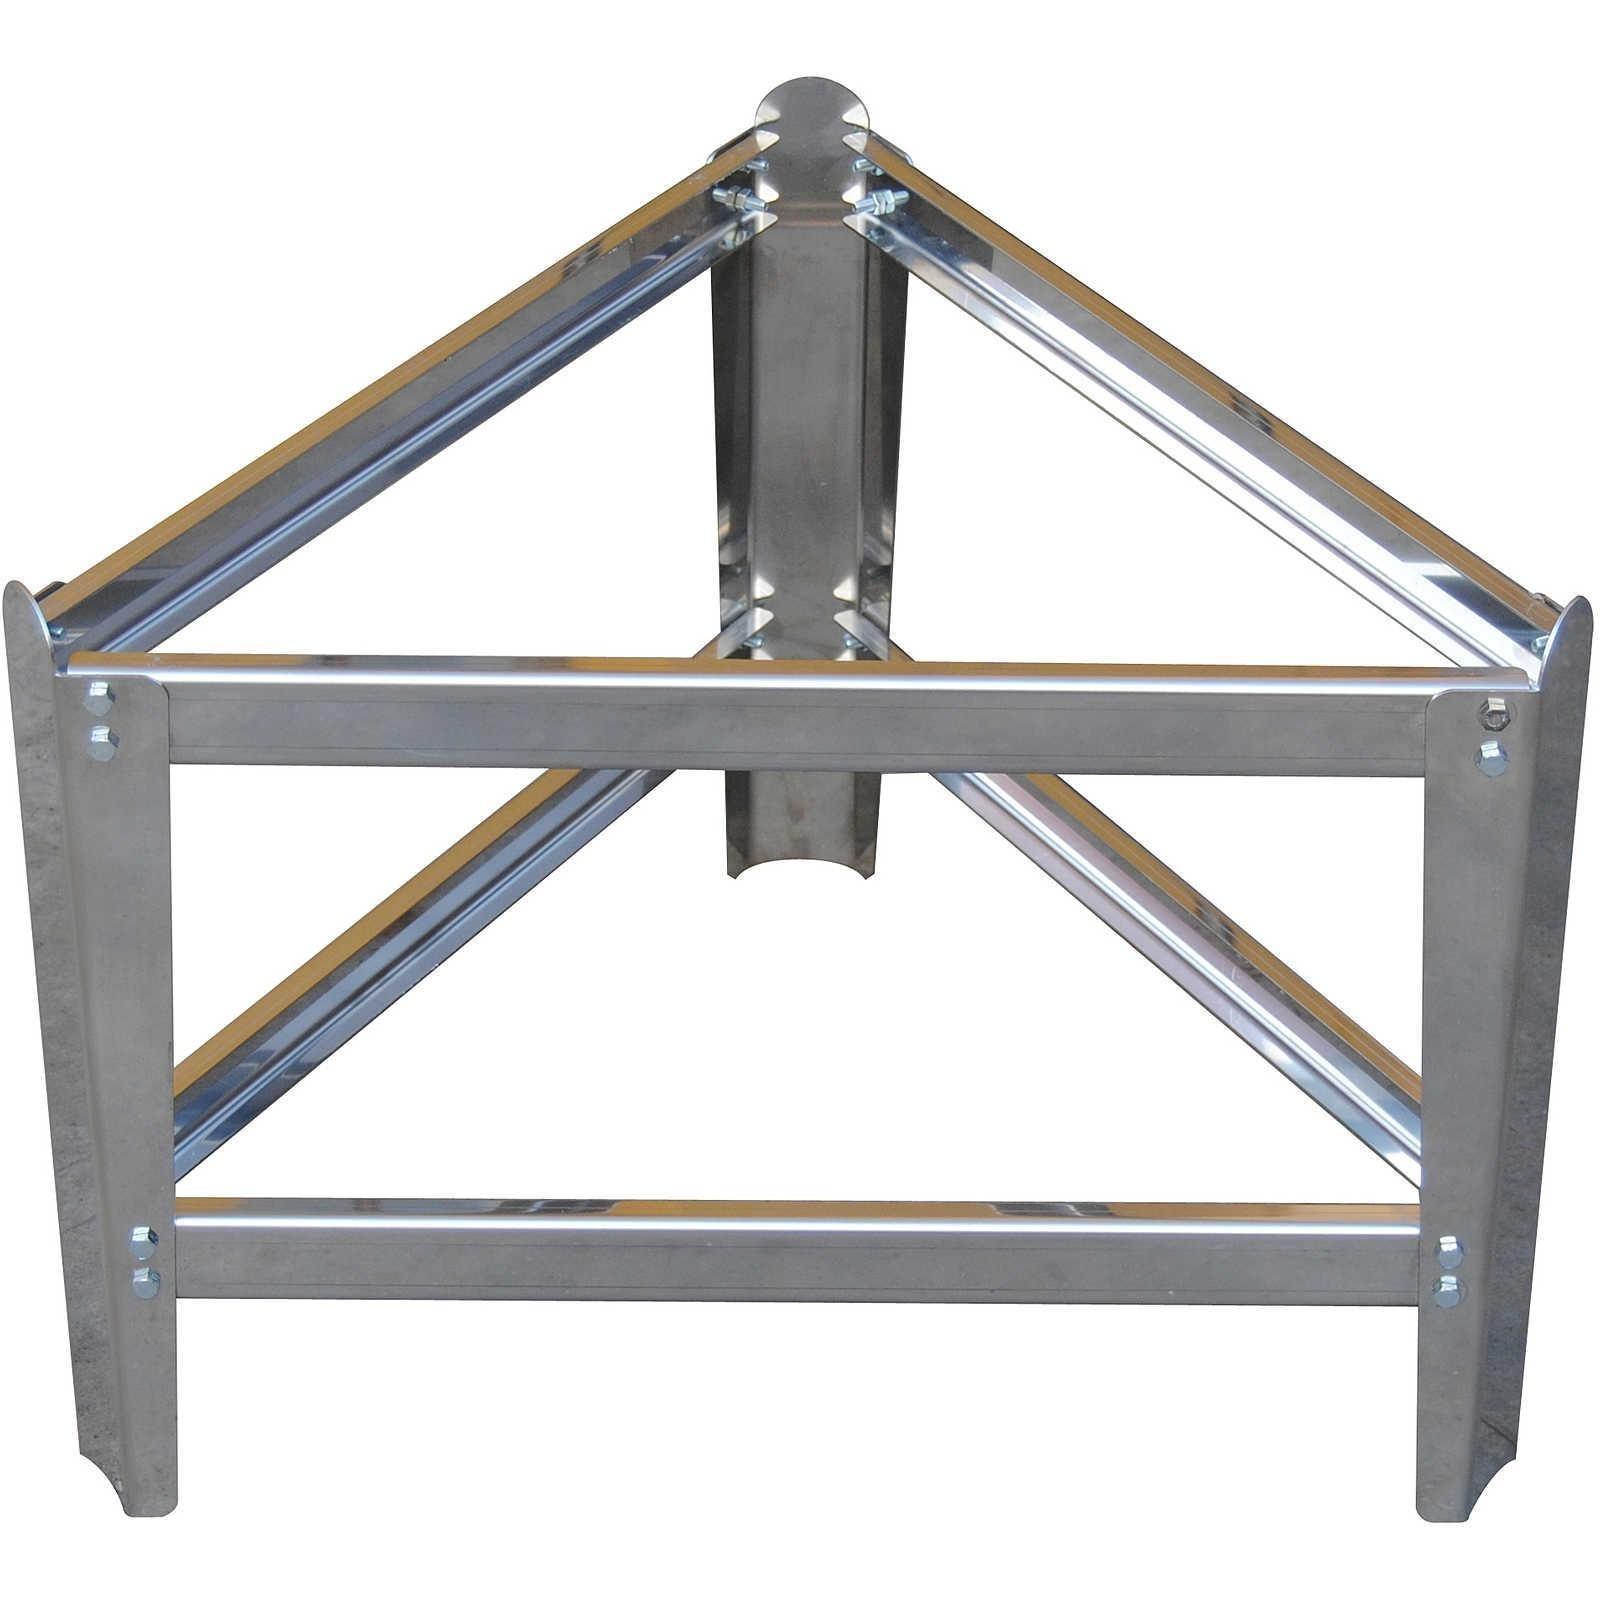 Piede per contenitore in acciaio inox da lt.50 a lt.1000